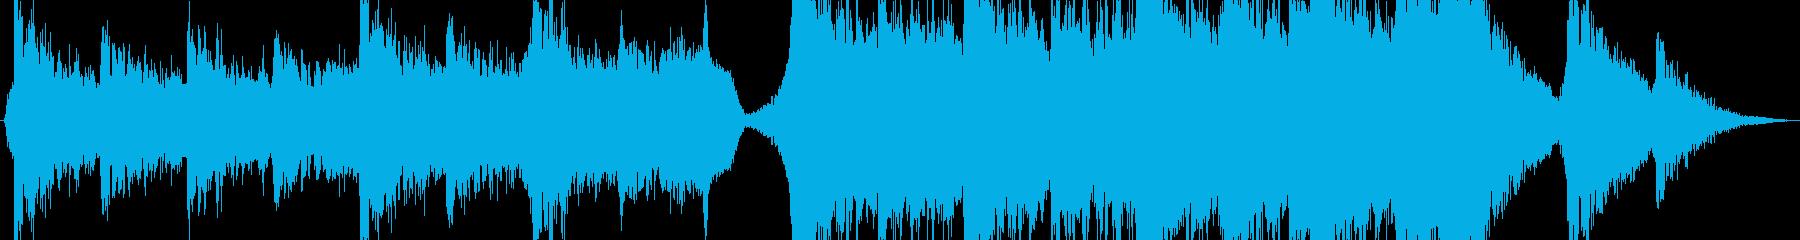 エネルギッシュな岩の強力なトレーラーの再生済みの波形